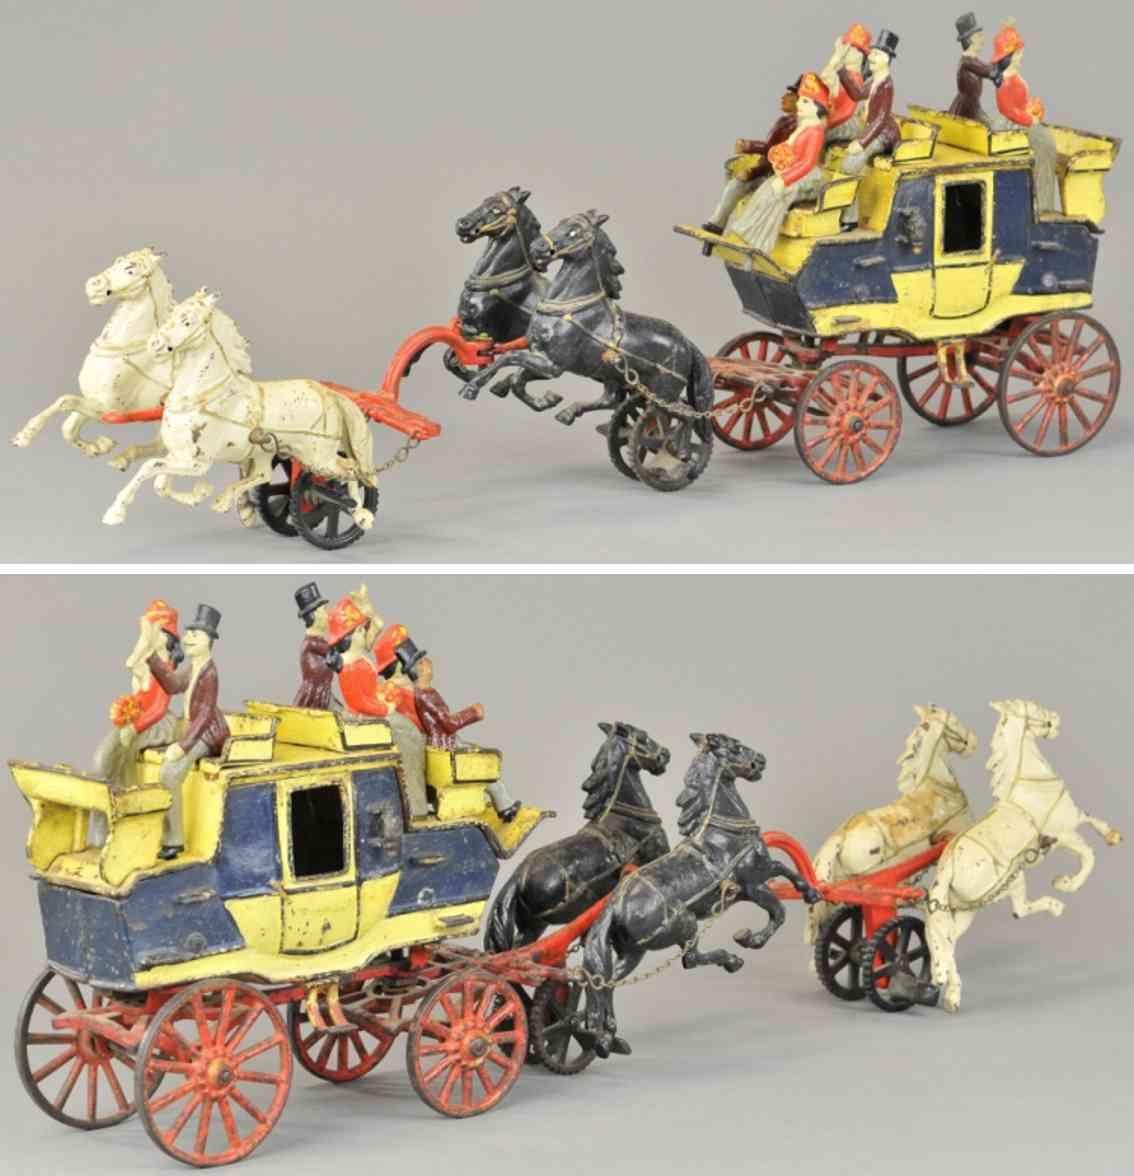 carpenter spielzeug gusseisen tally ho kutsche vier pferde